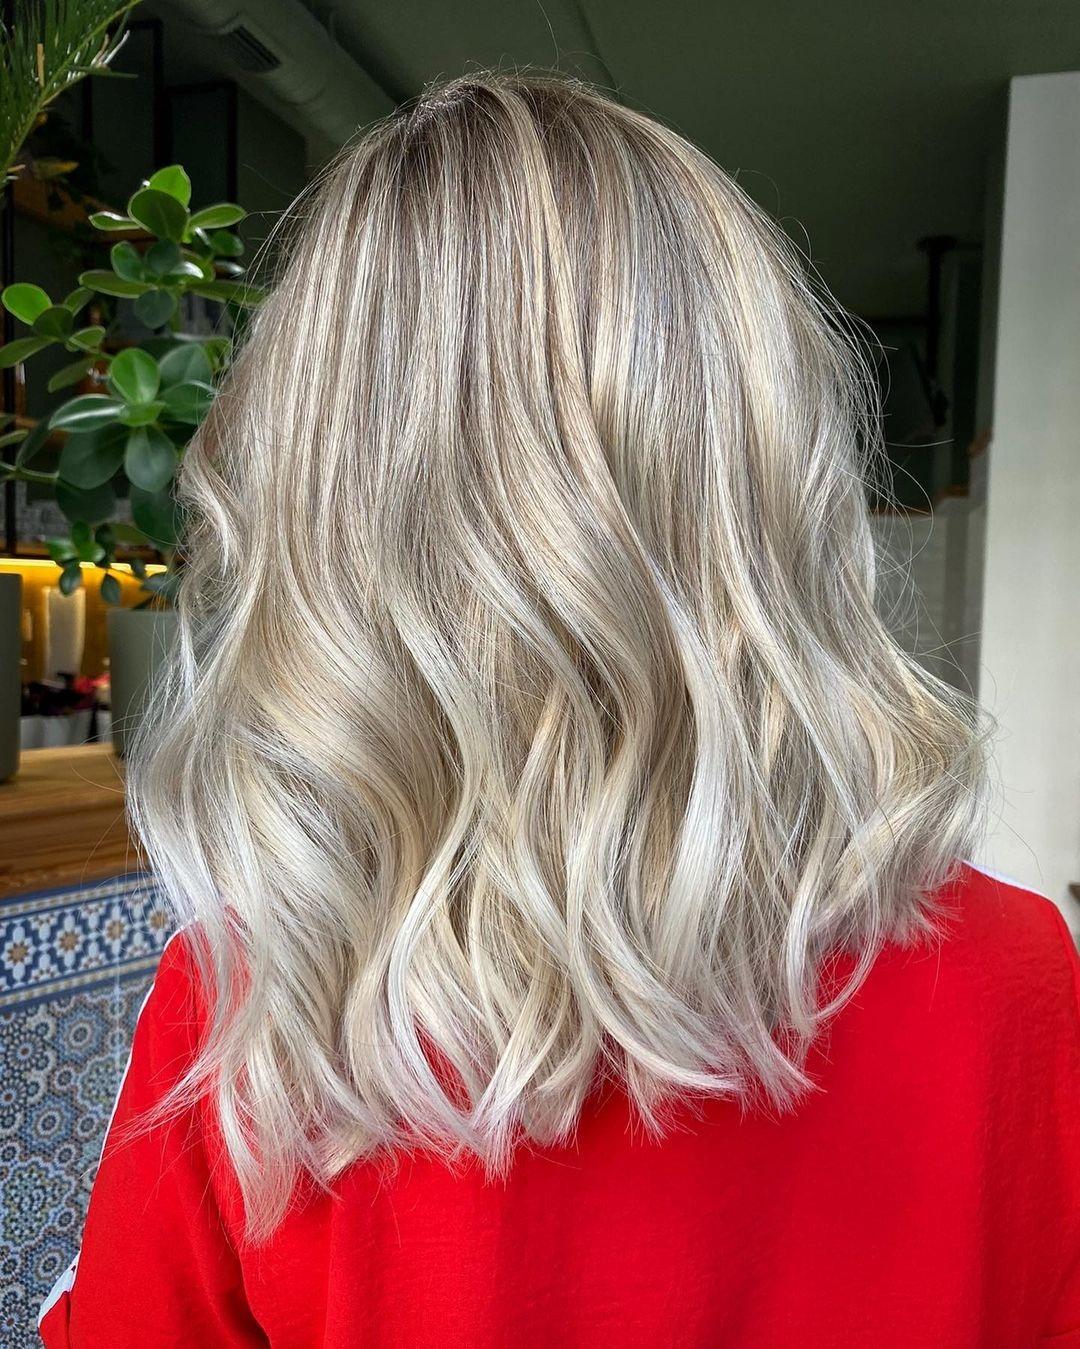 пепельный блонд окрашивание для блондинок на светлые волосы осень-зима 2020-2021